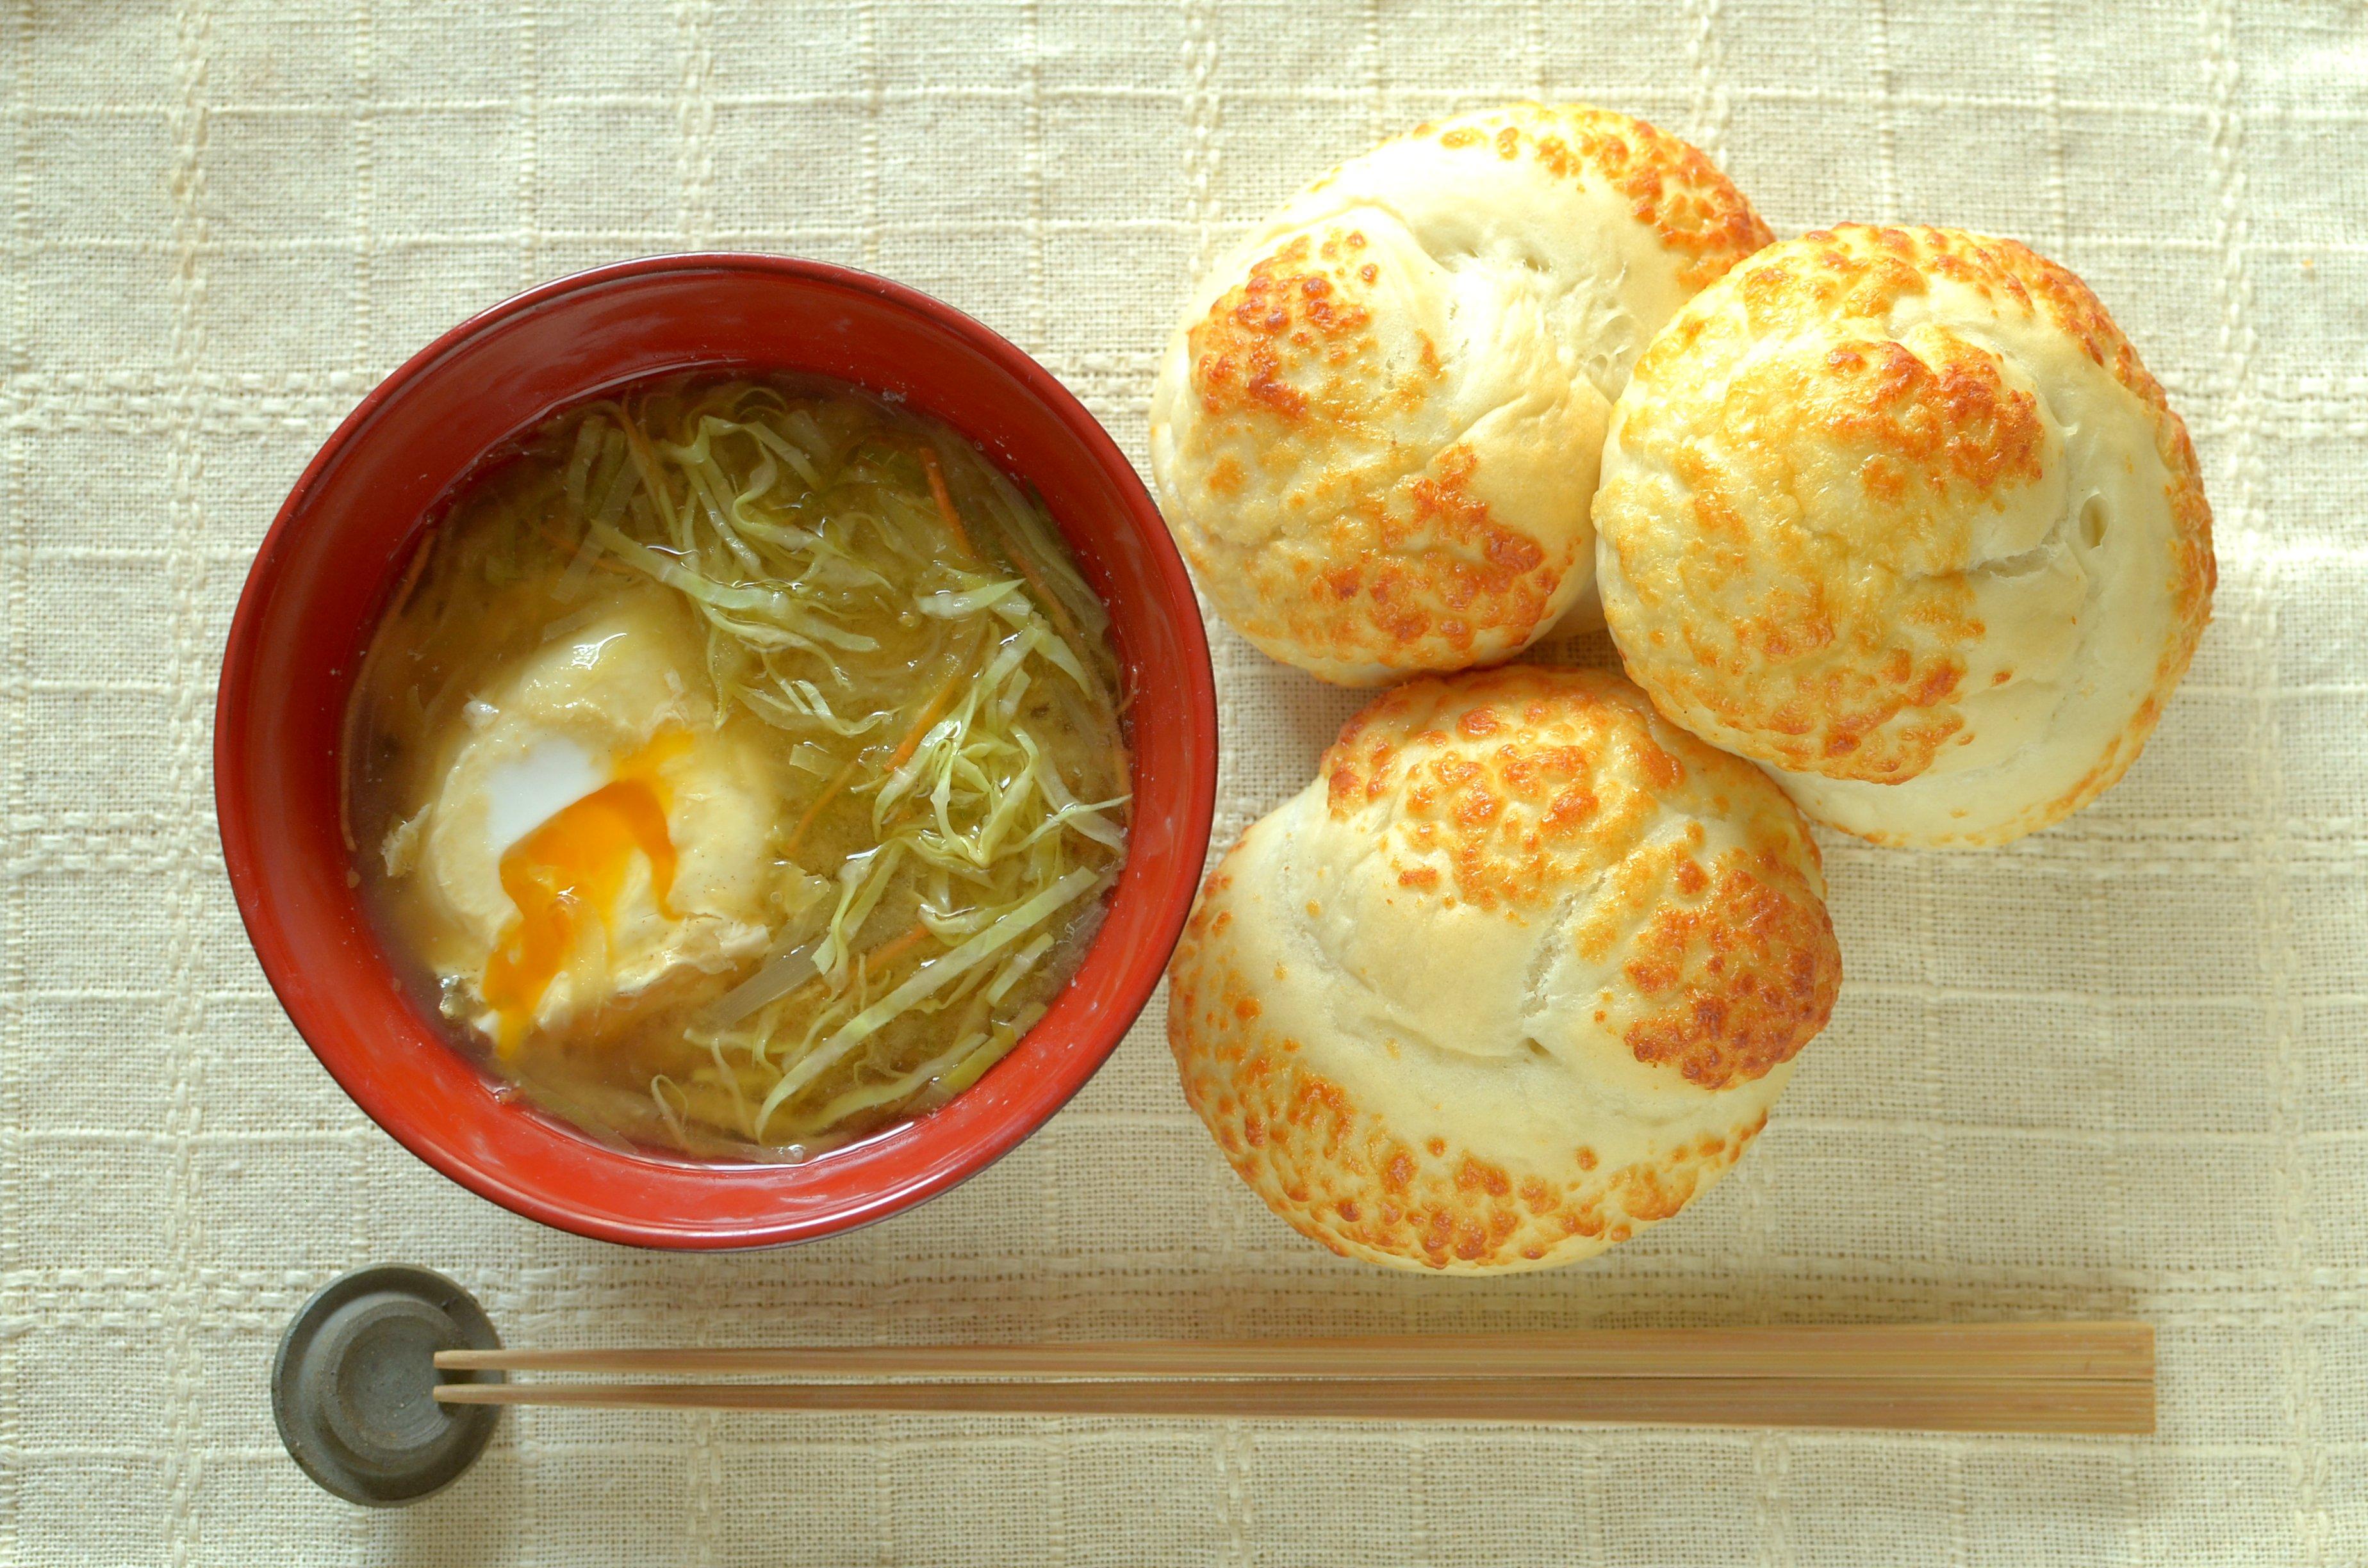 【一汁一ぱんのすすめ】卵とキャベツの味噌汁